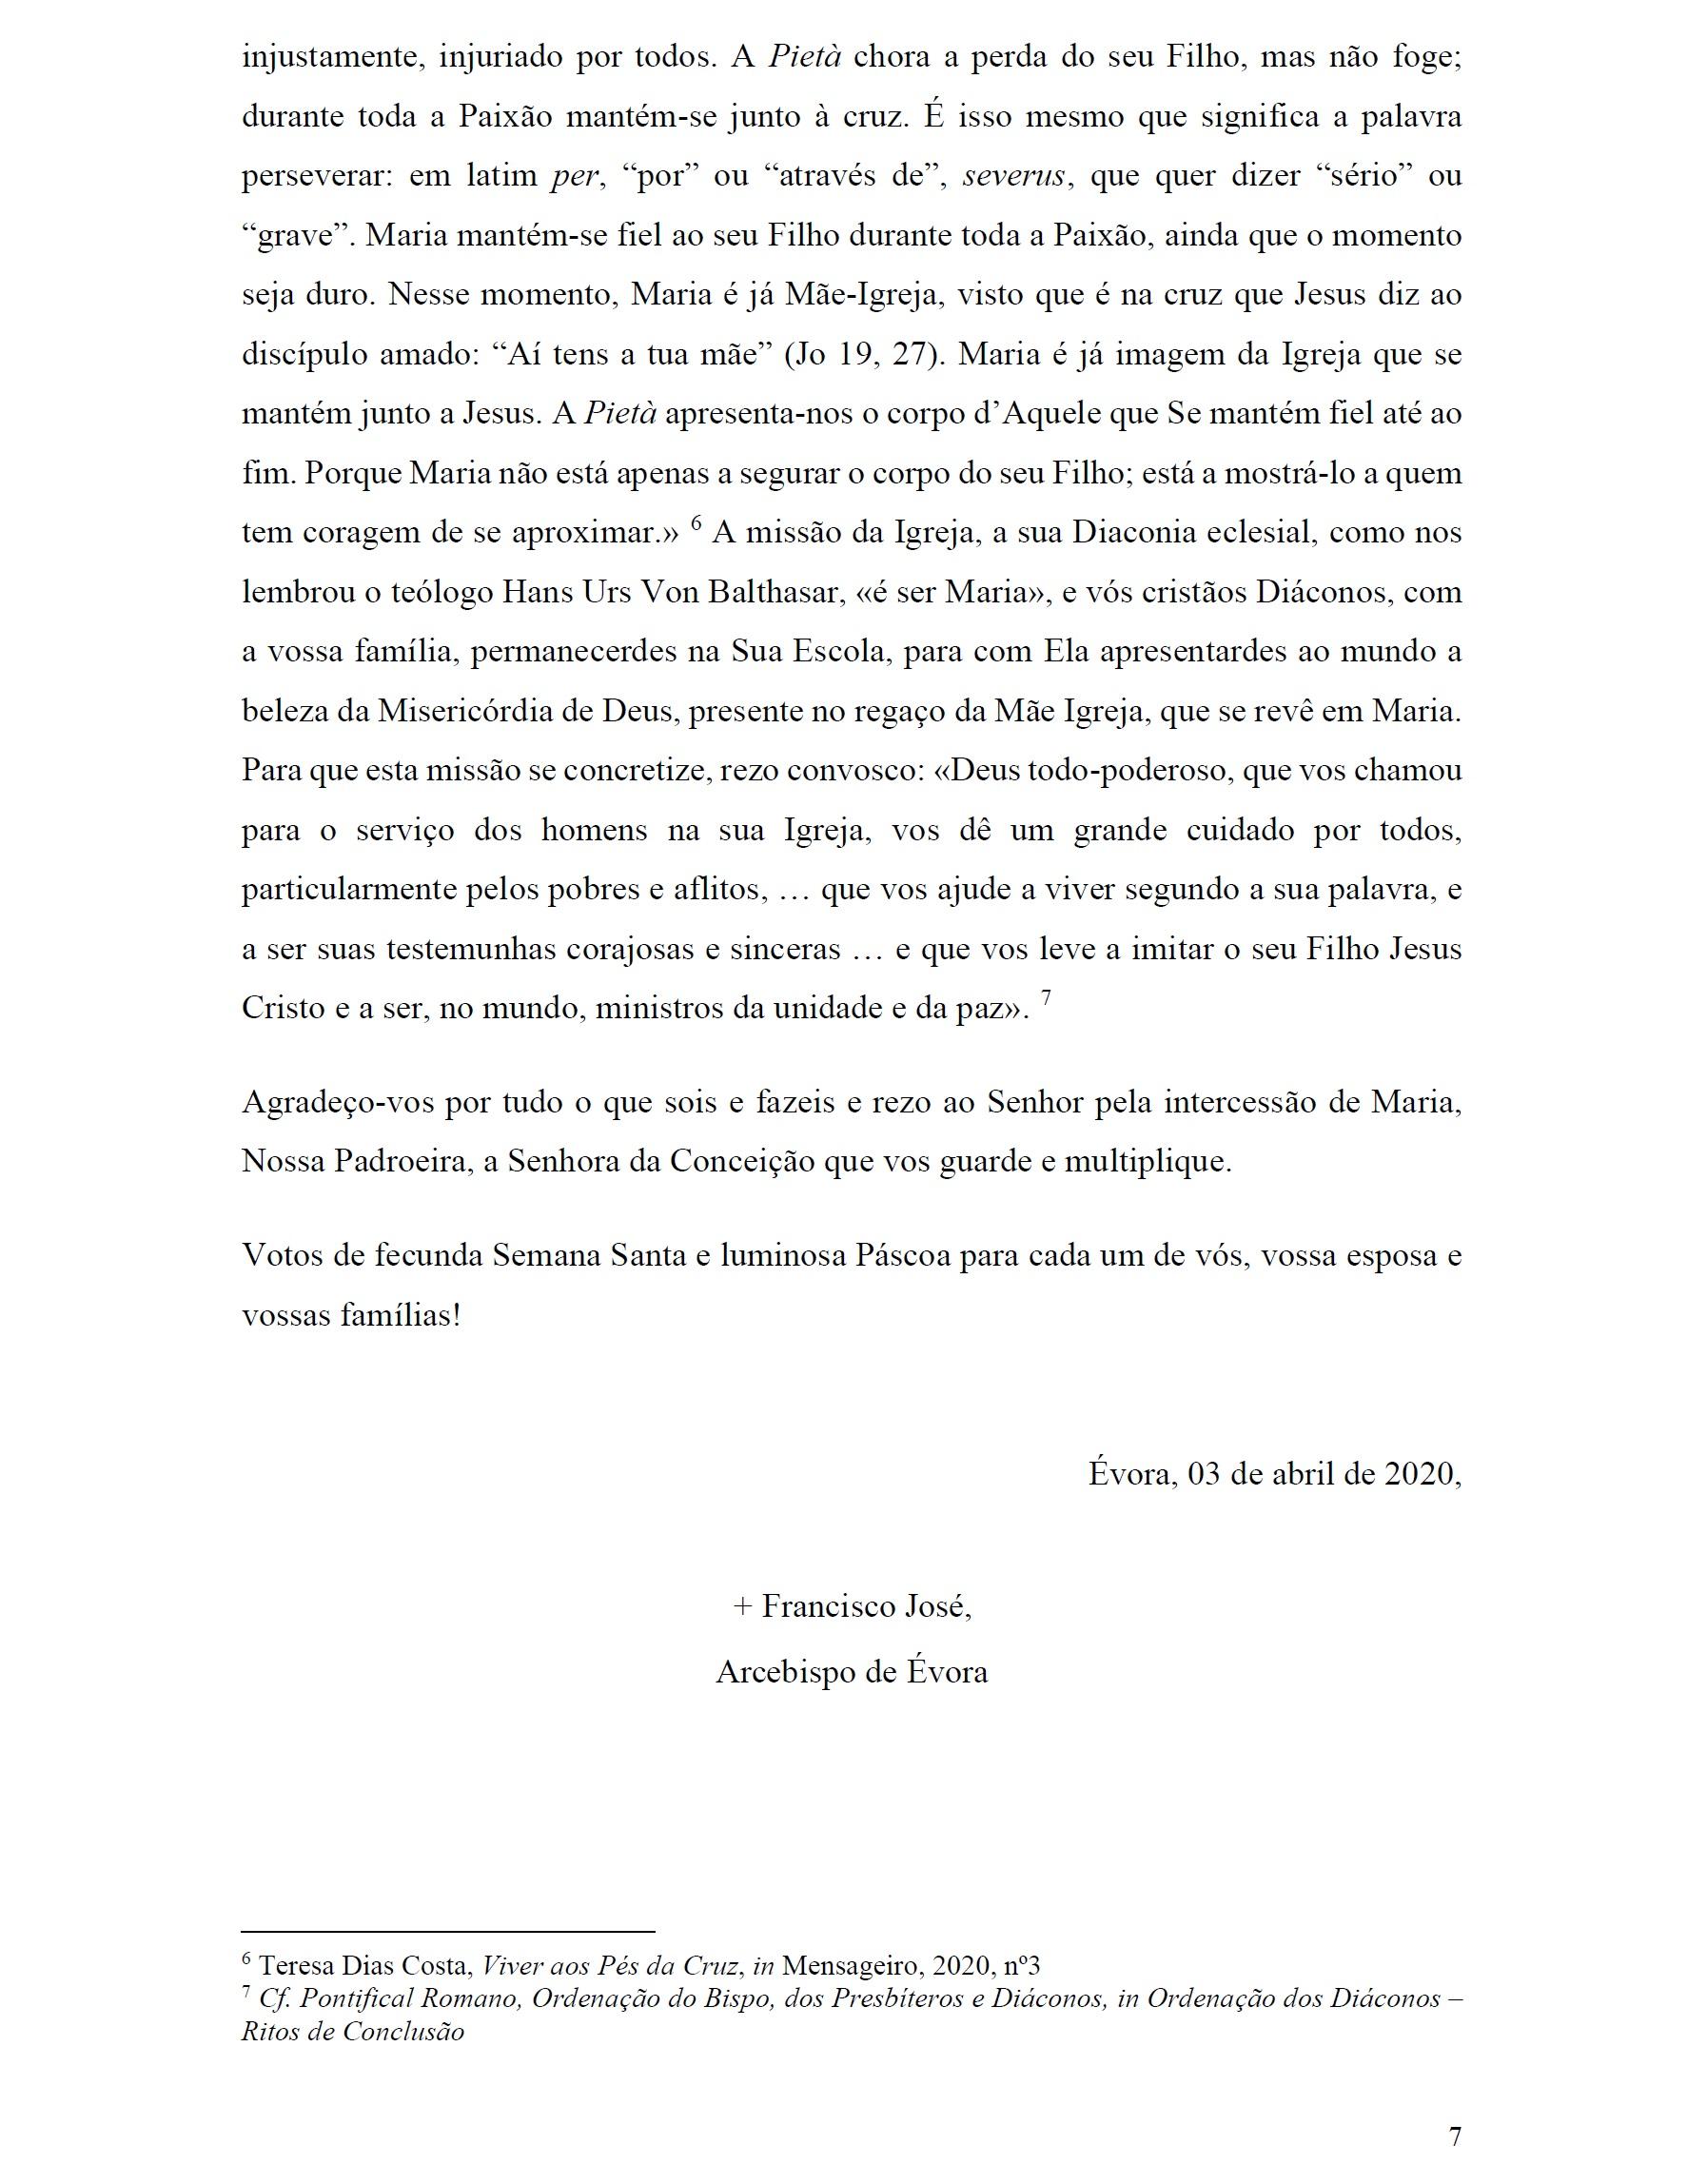 3 - Carta aos diáconos 03_04_2020_7